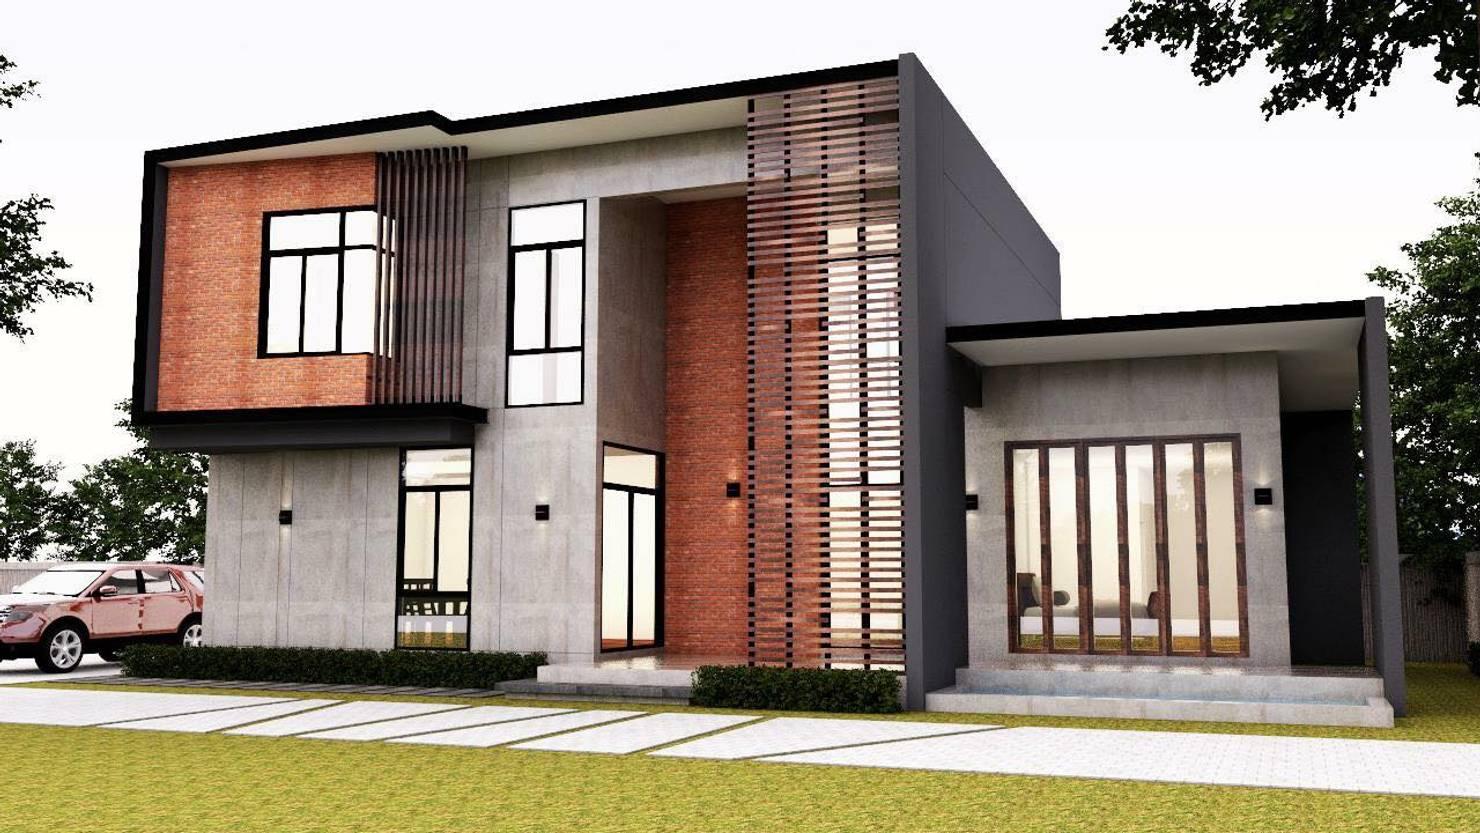 Planos de casas modernas en 3D